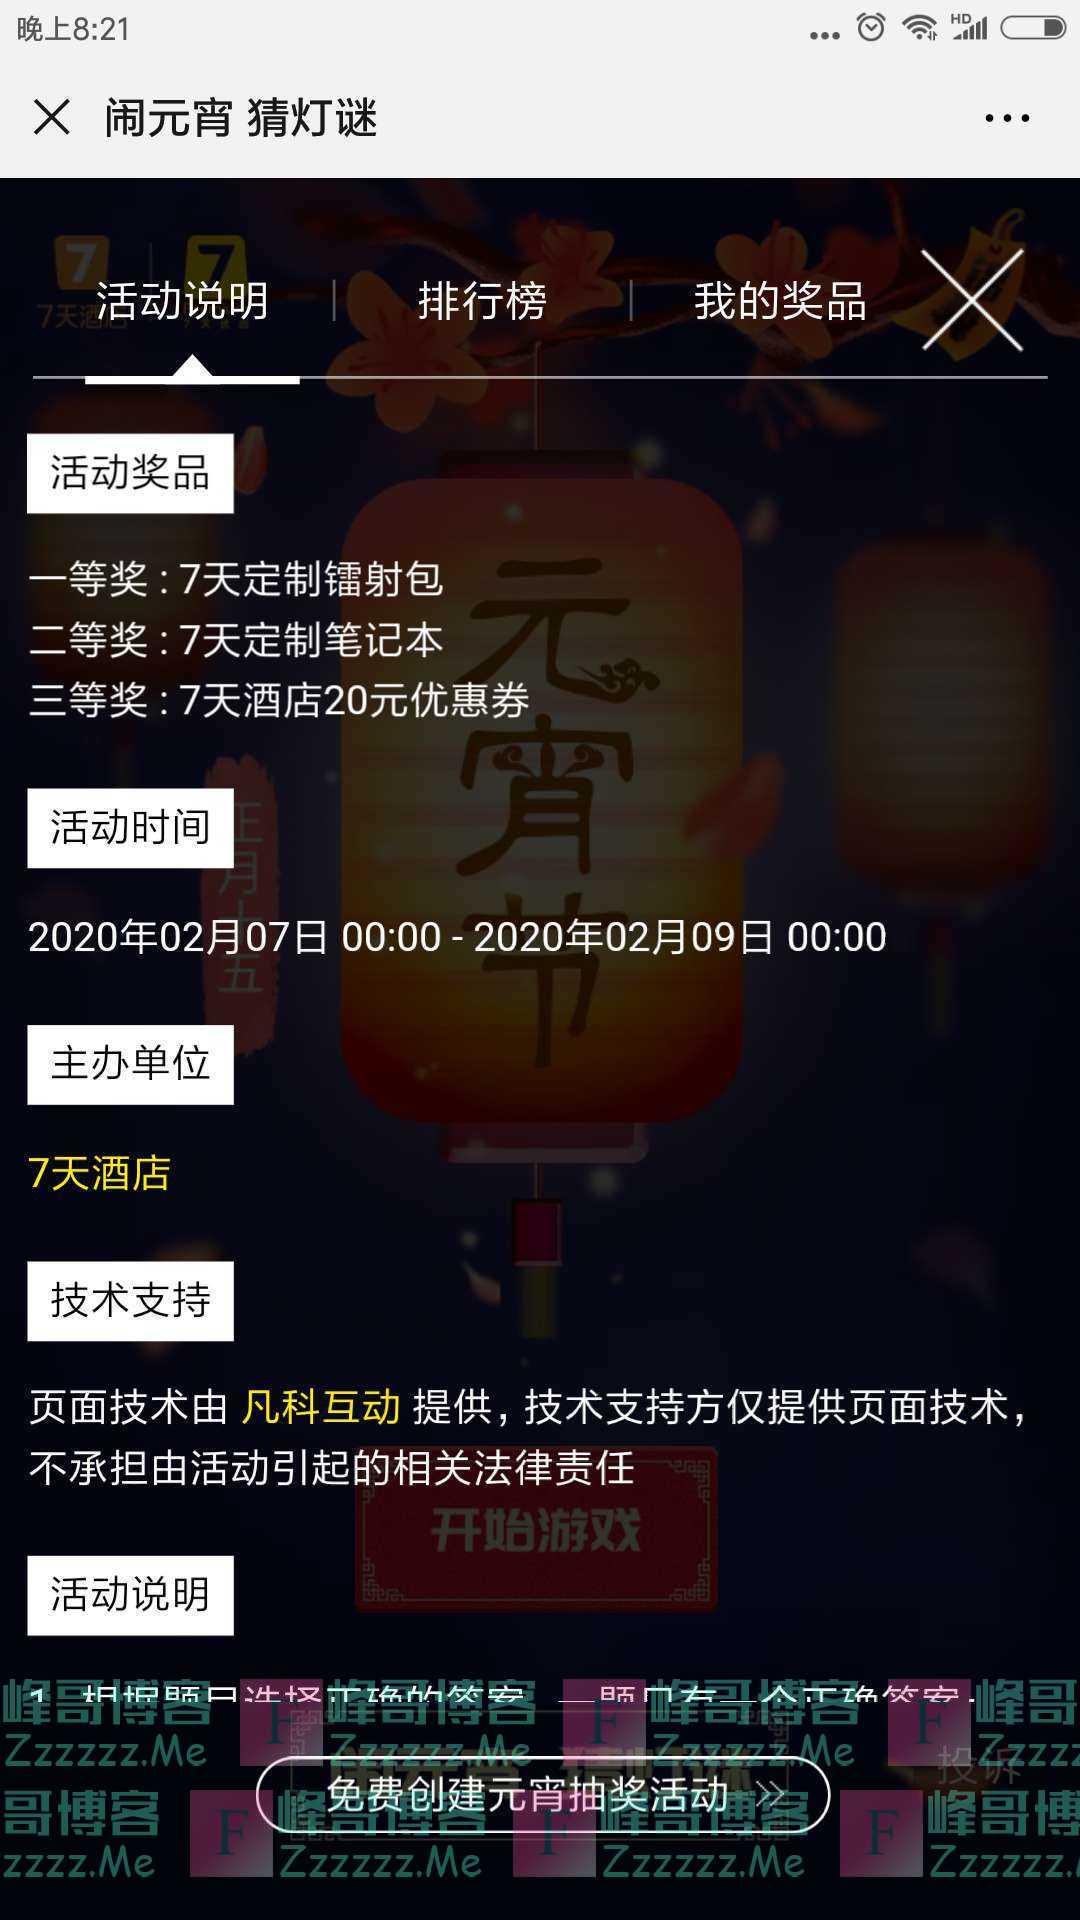 7天酒店家族小7有奖丨元宵灯谜,祈福平安(截止2月9日)